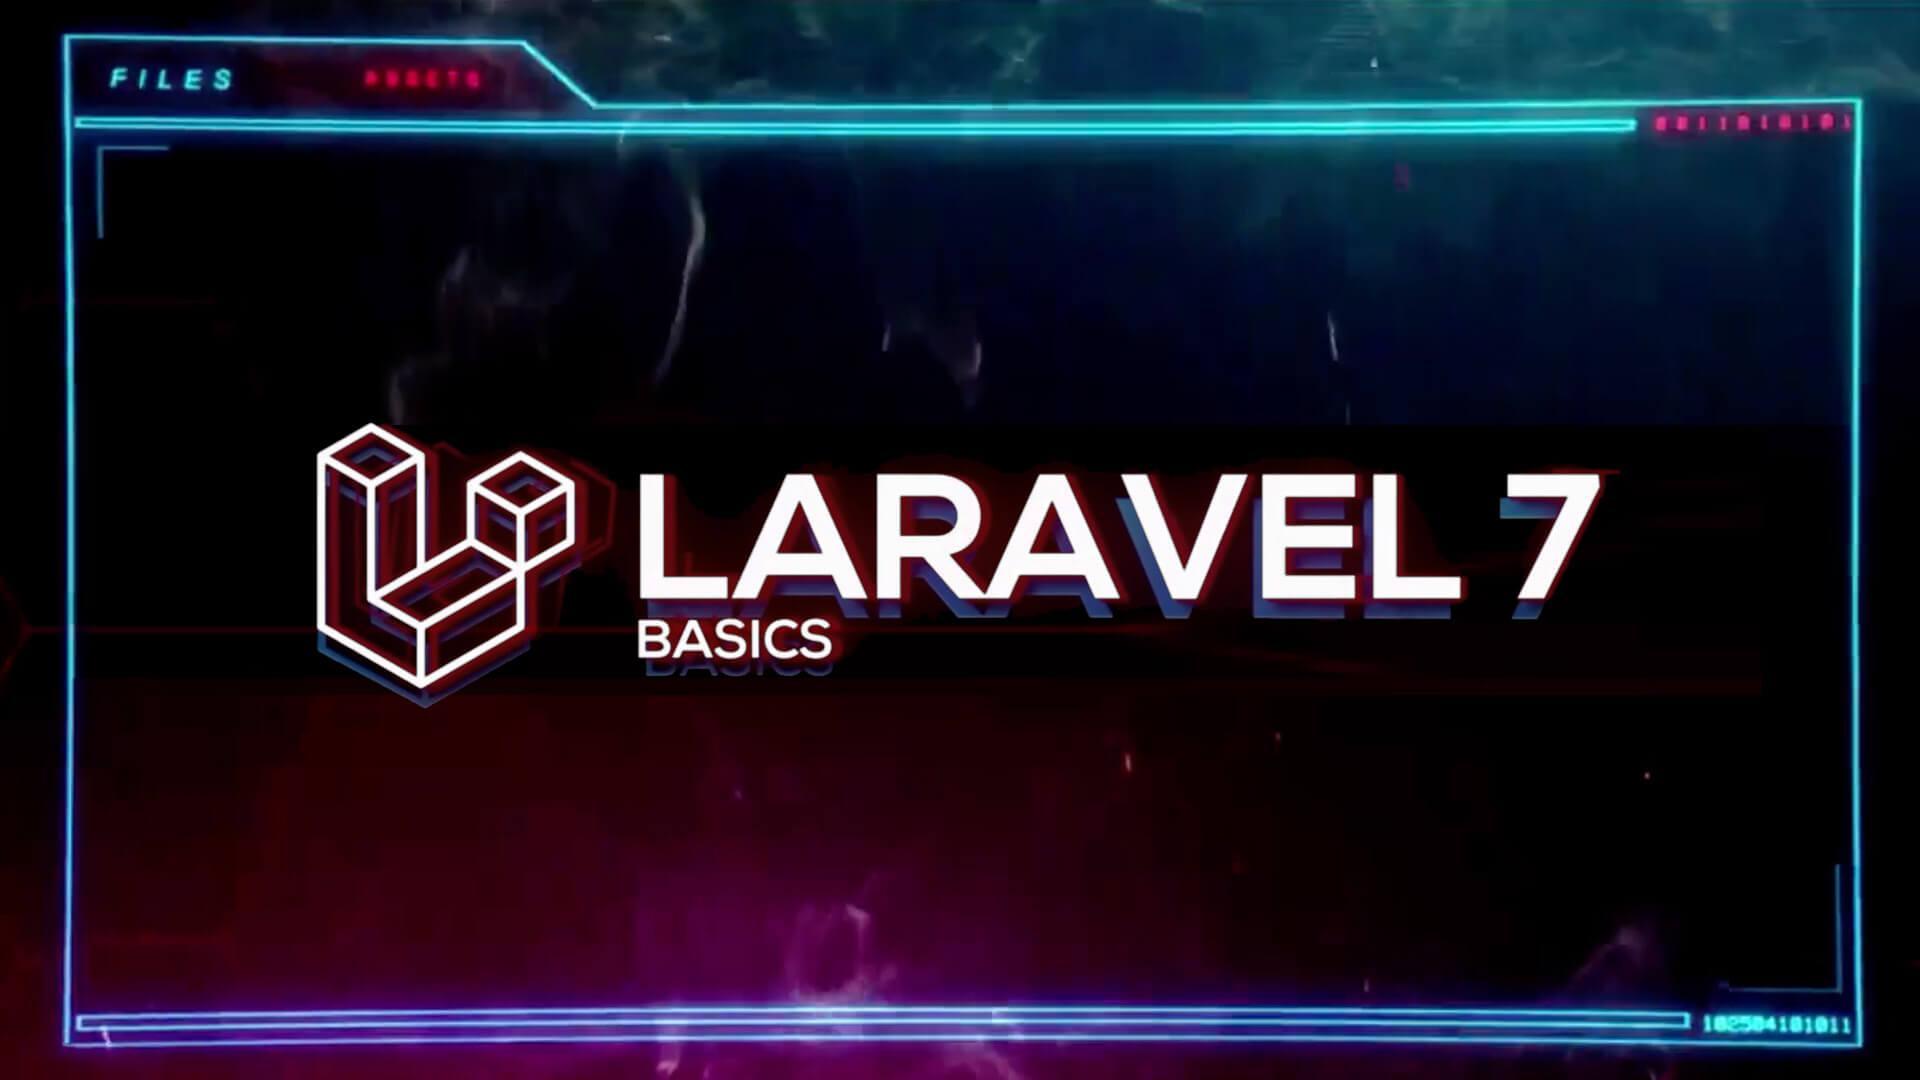 Laravel 7 Basics